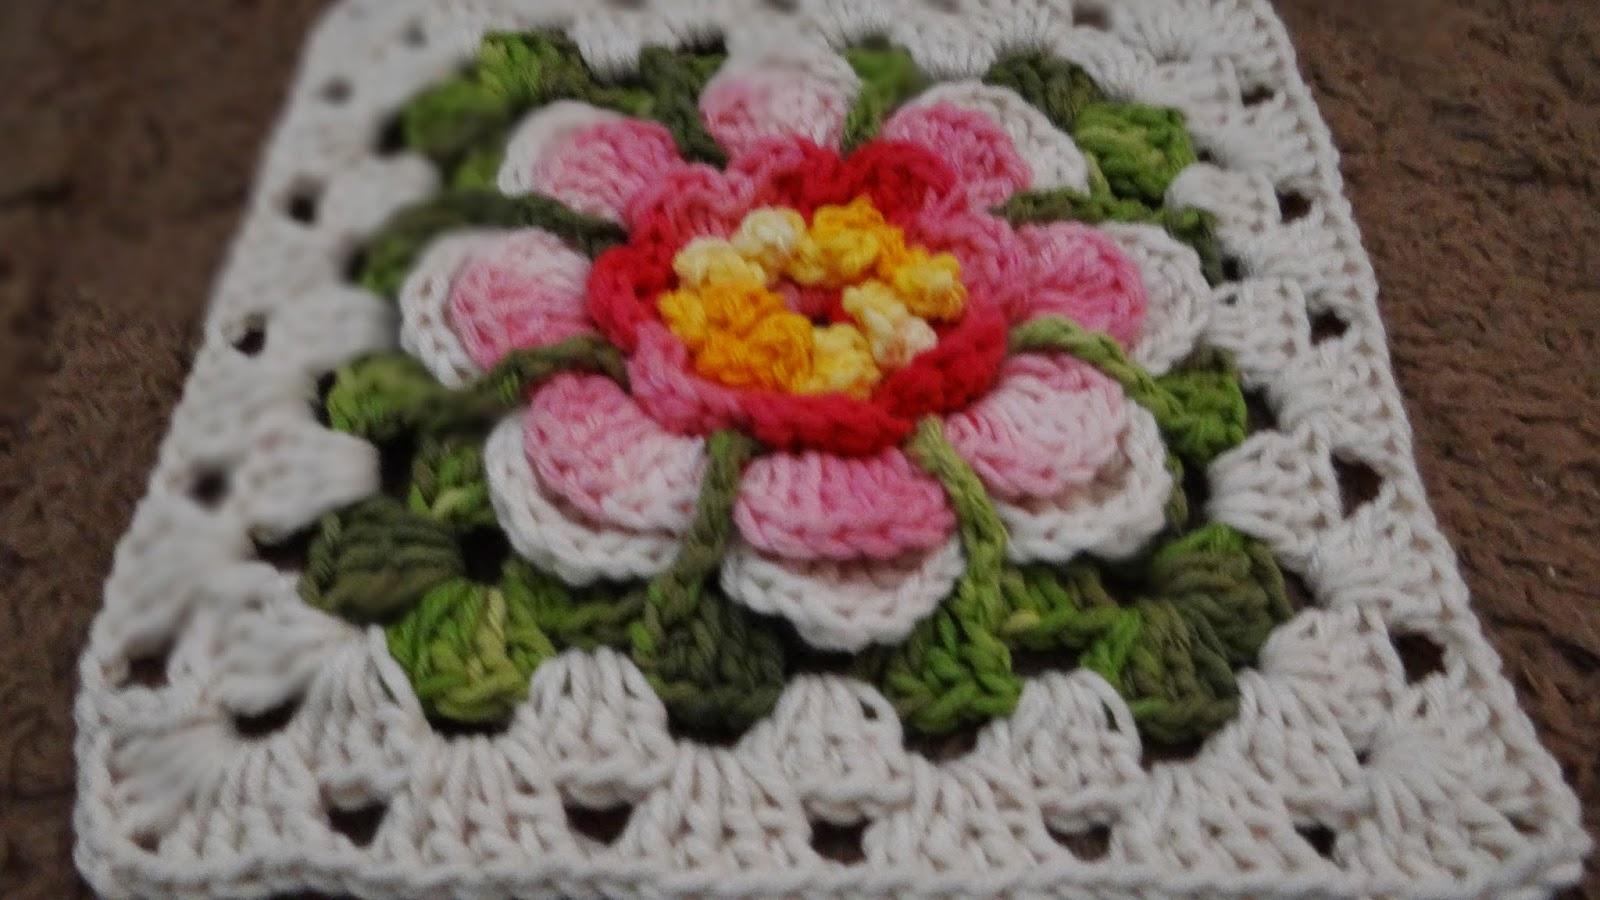 Fotos De Flores Multicolores - Gran conjunto de hermosas flores multicolores Bigstock